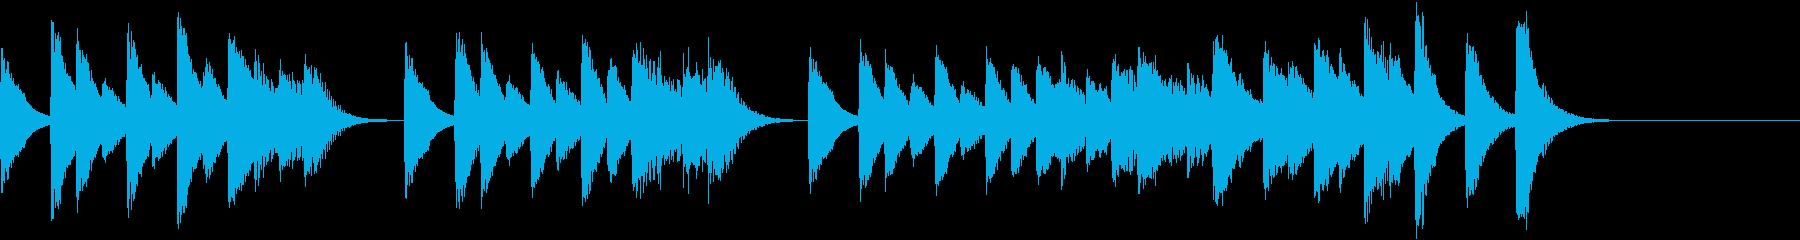 愛々しいメロディのコミカルピアノジングルの再生済みの波形